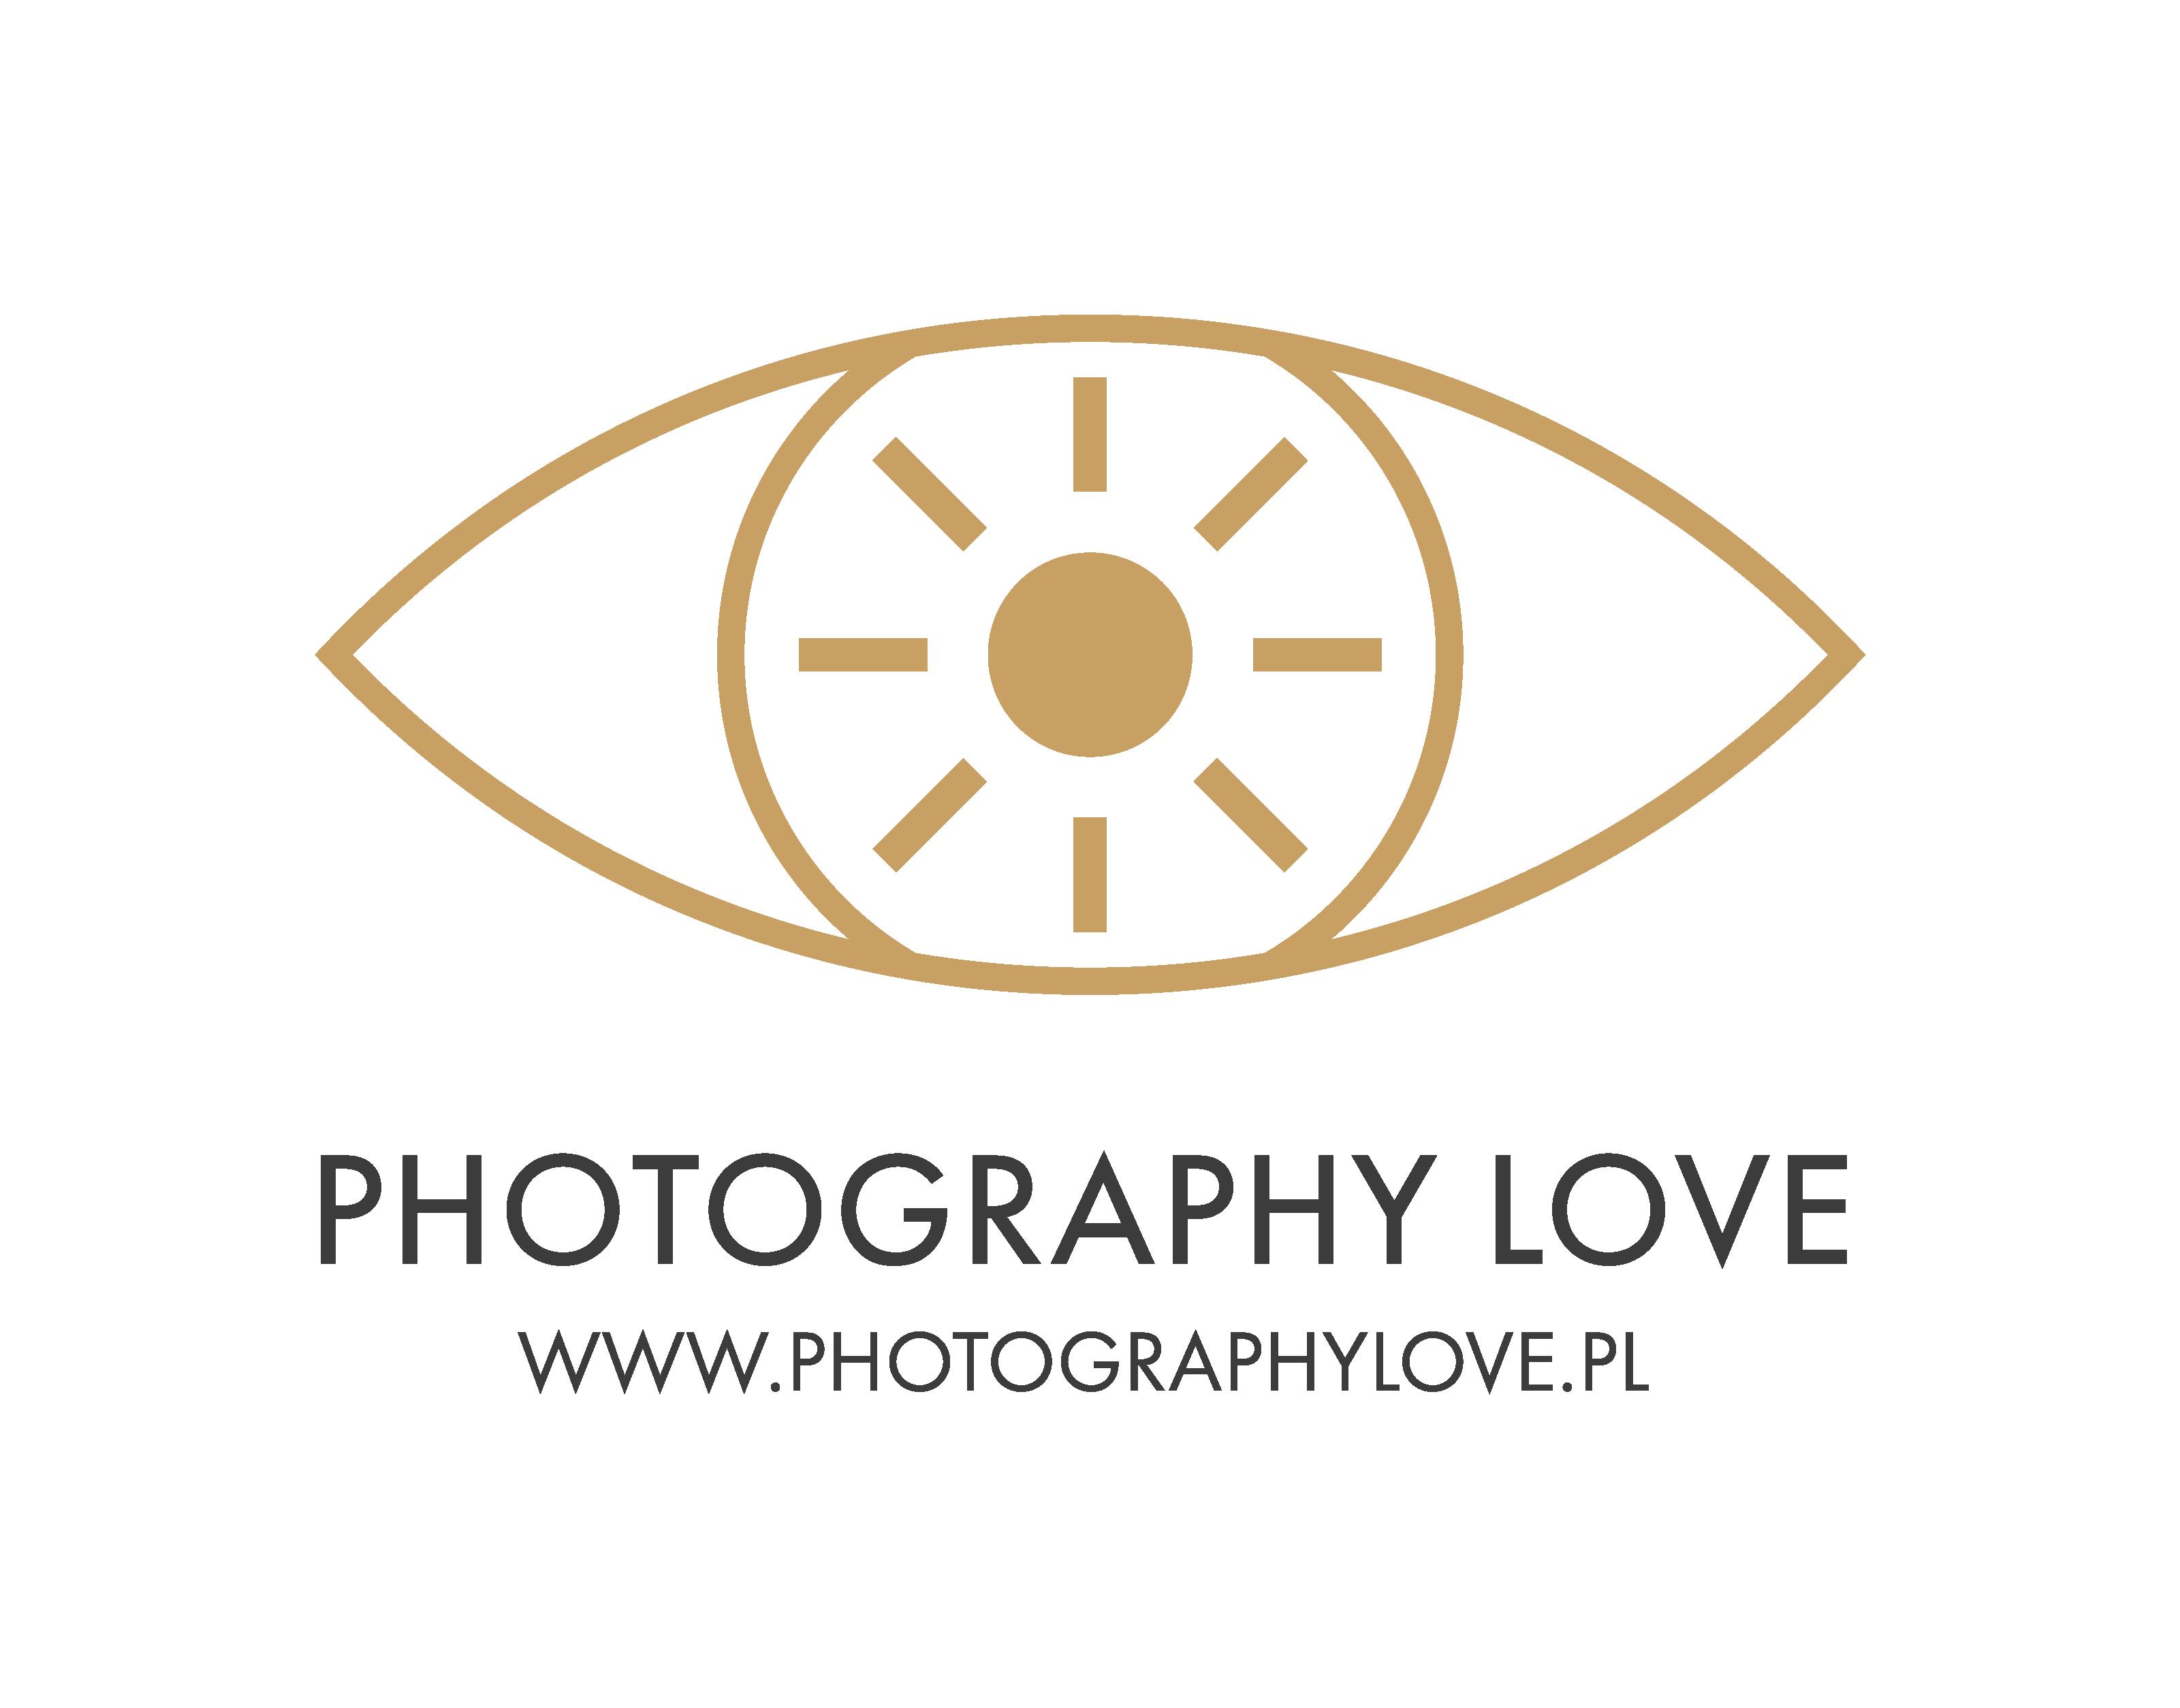 Photography Love Joanna S-Grzybowska Logo